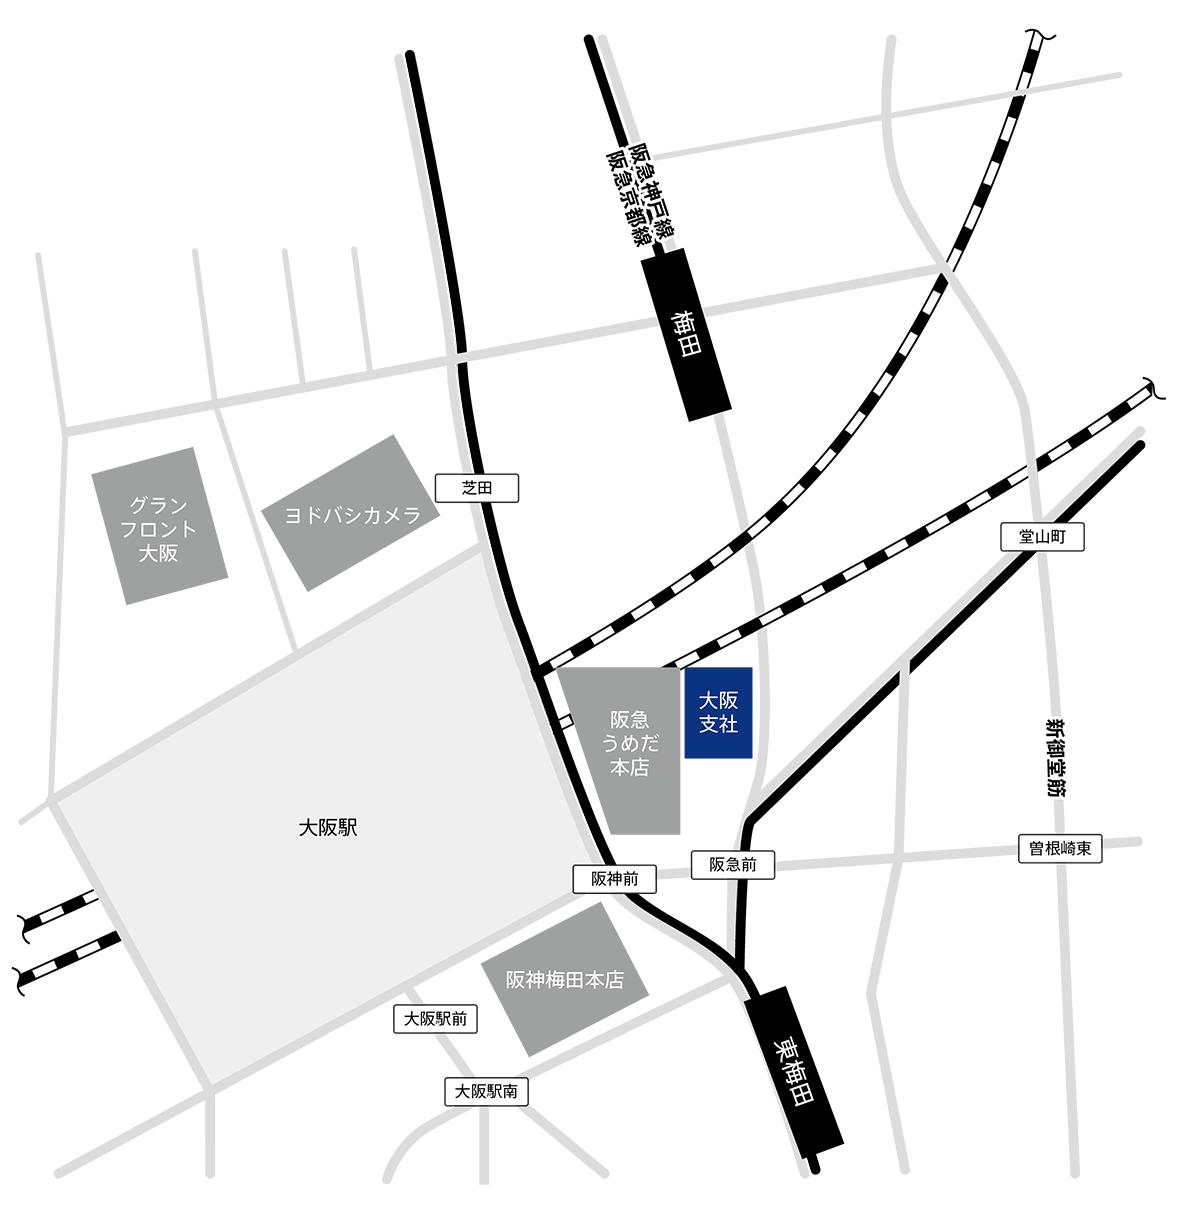 アルネッツ大阪支社地図